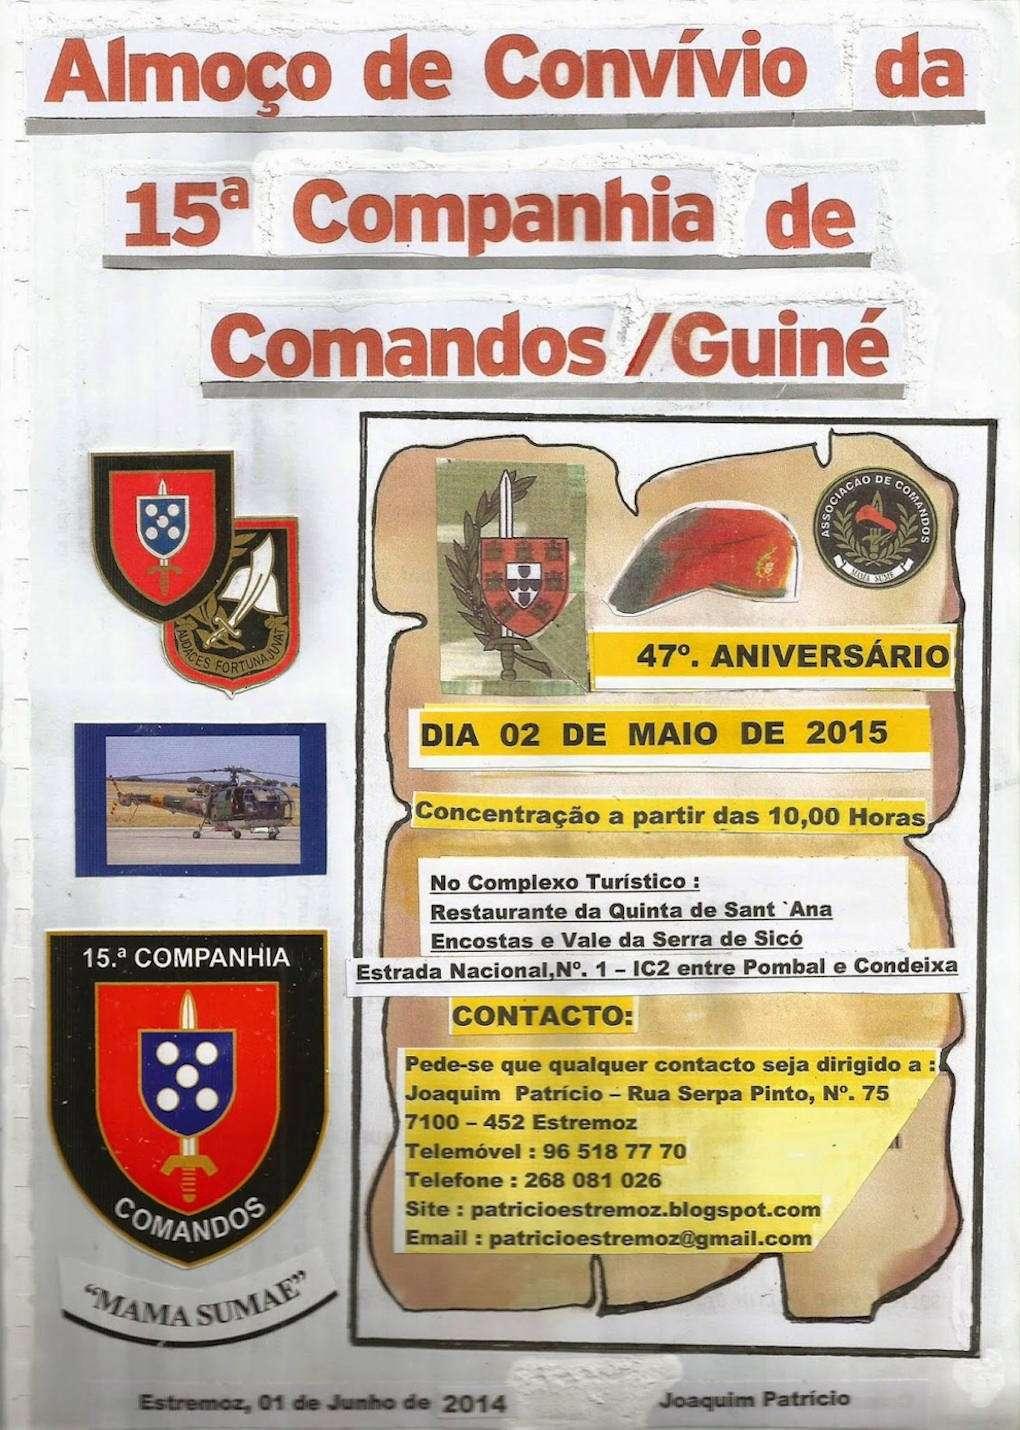 Almoço Convívio e Comemoração do 47.º Aniversário da 15.ª Companhia de Comandos - 02Mai2015 03_15c10